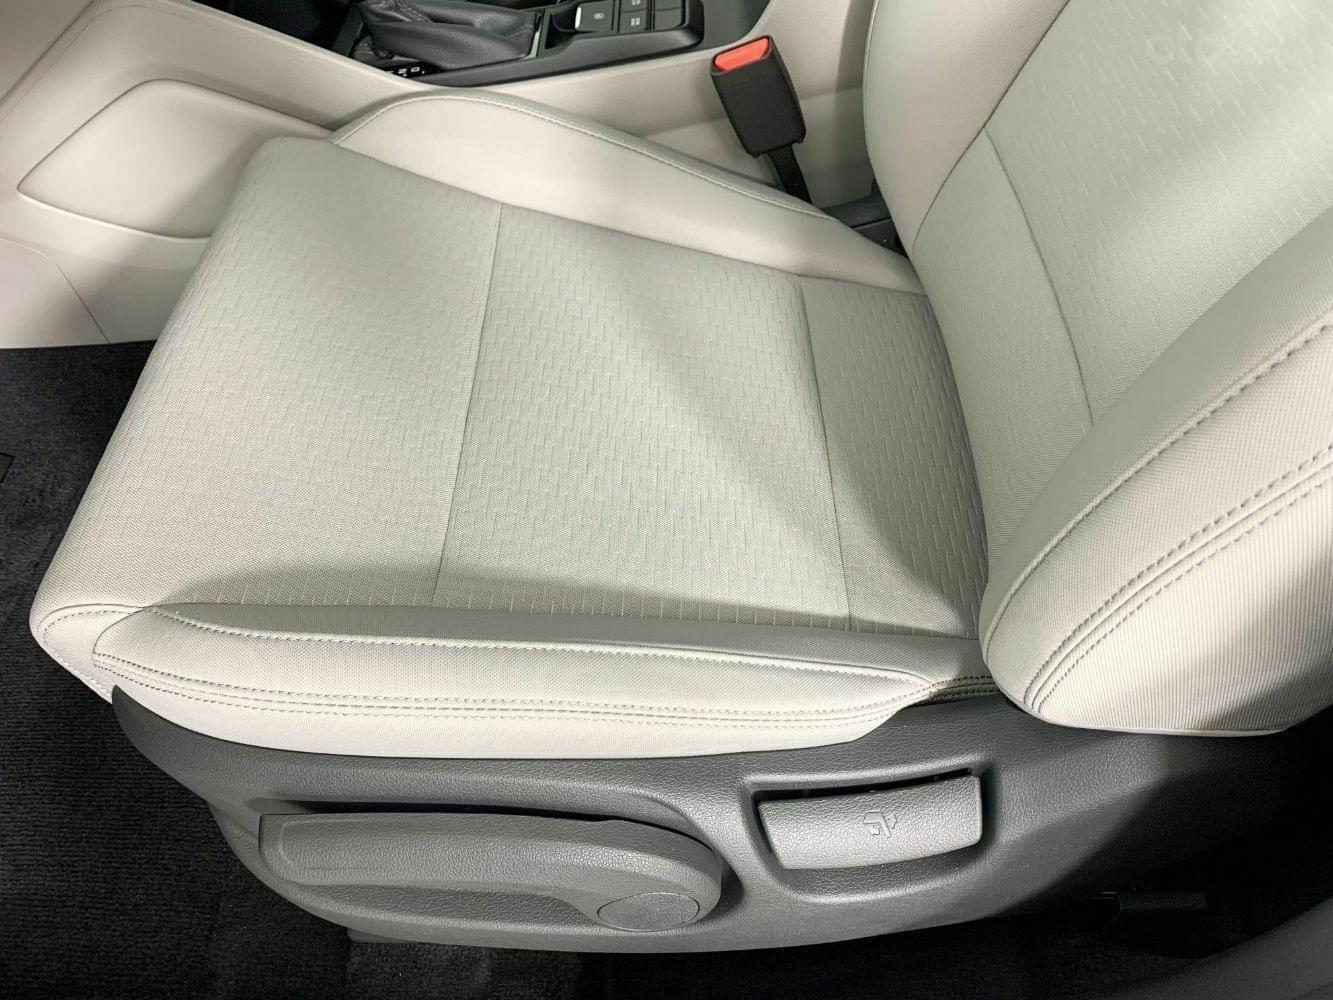 [TPHCM] Hyundai Tucson sẵn kho, đủ màu, hỗ trợ vay lên đến 85%+ chương trình khuyến mãi hấp dẫn (12)